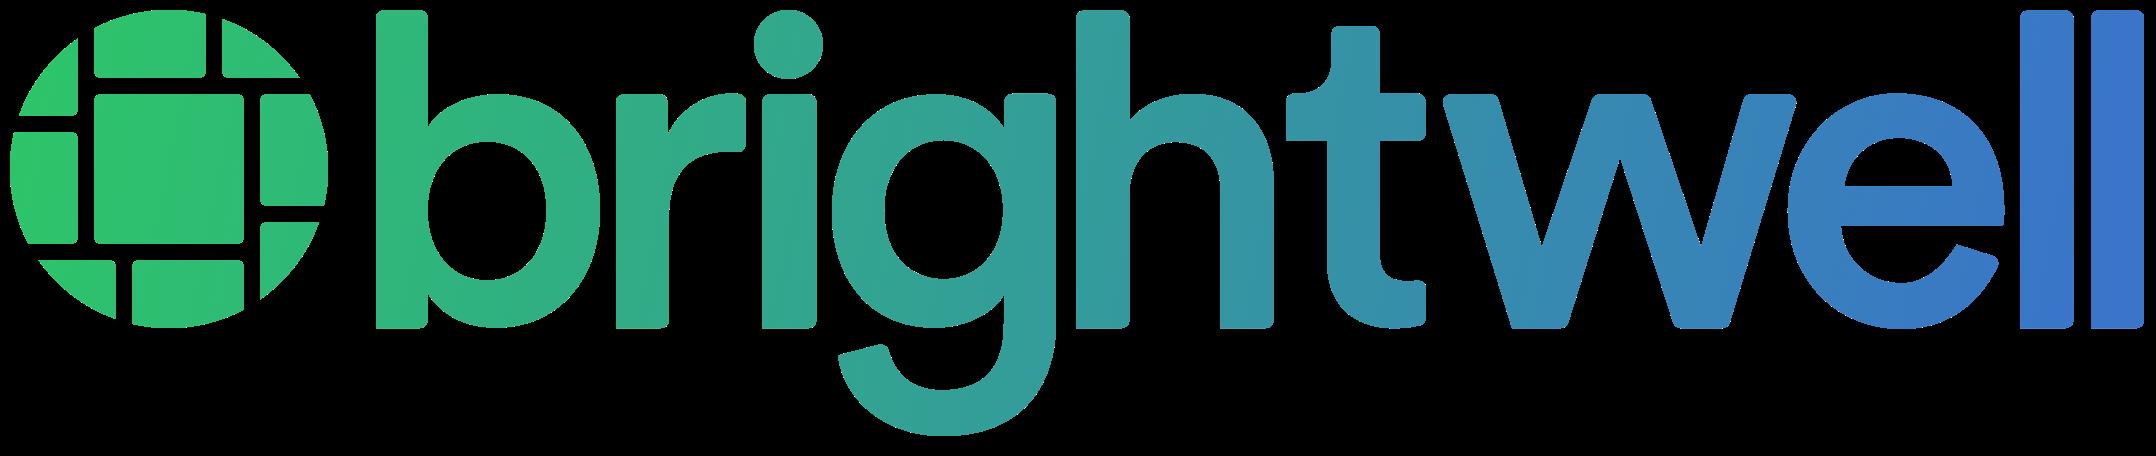 brightwell-logo